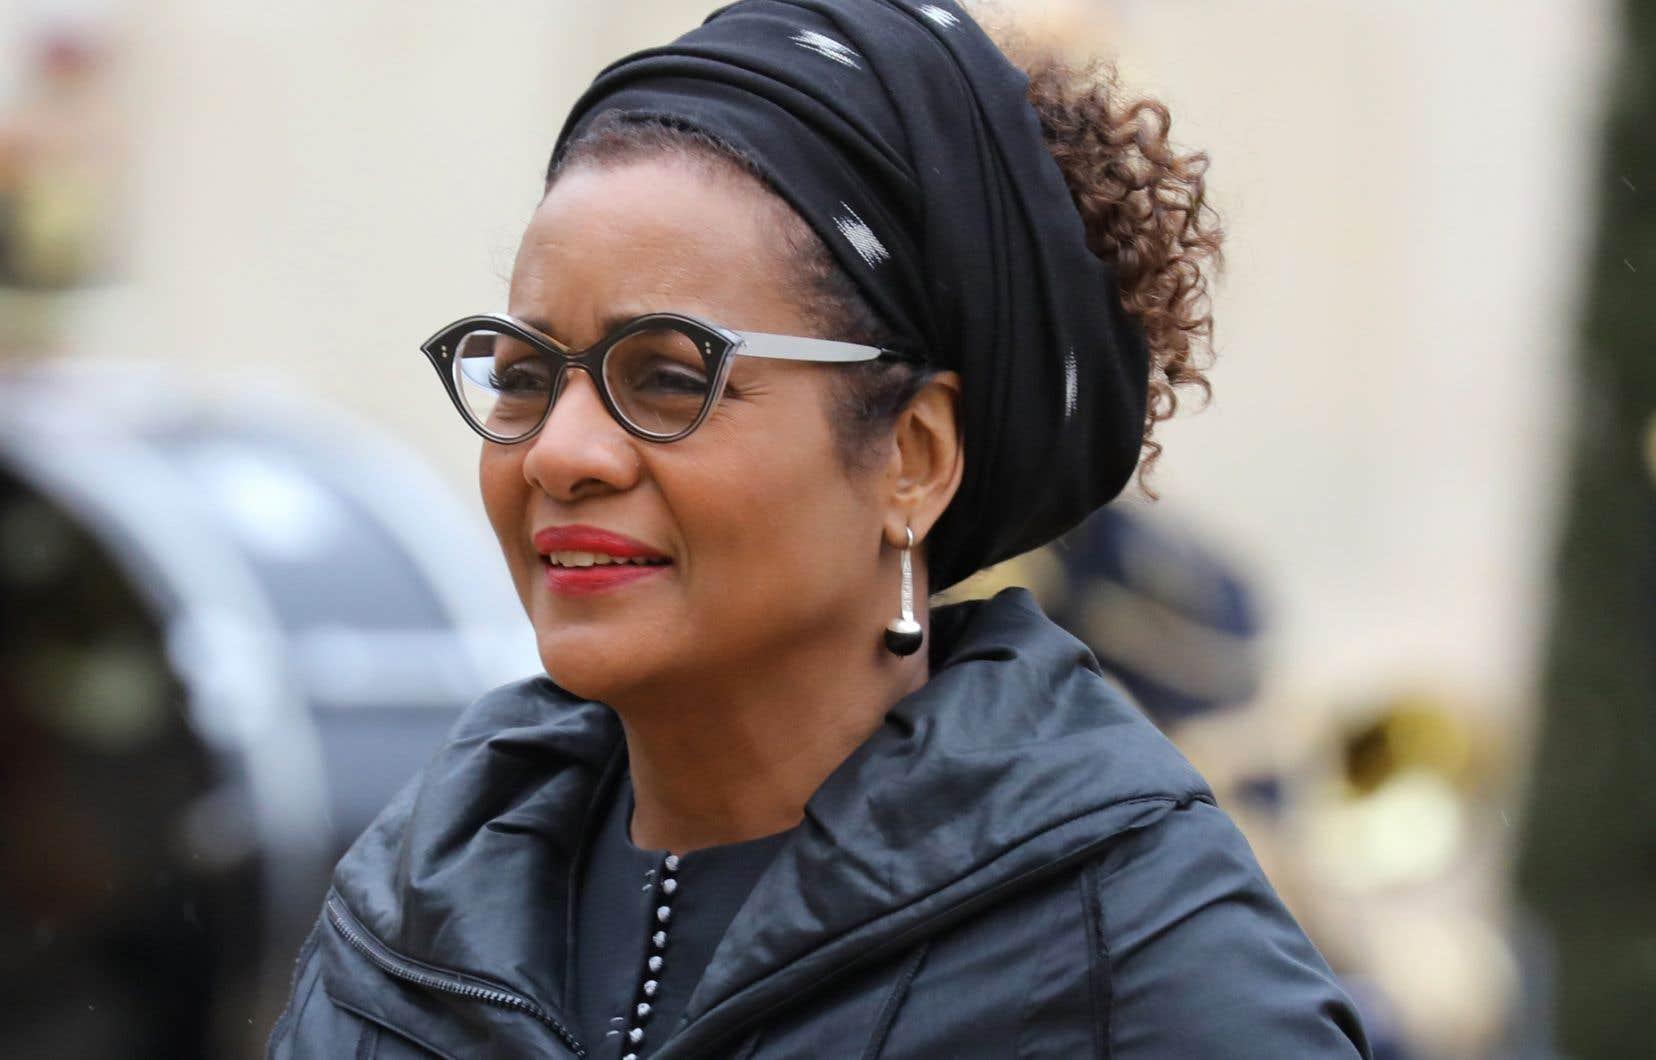 Le sort de la secrétaire générale Michaëlle Jean, lâchée la veille par le Québec et le Canada, semble réglé. À moins d'un imprévu, c'est donc la Rwandaise Louise Mushikiwabo qui devrait lui succéder vendredi à la tête de l'OIF, qui regroupe 54 pays membres.